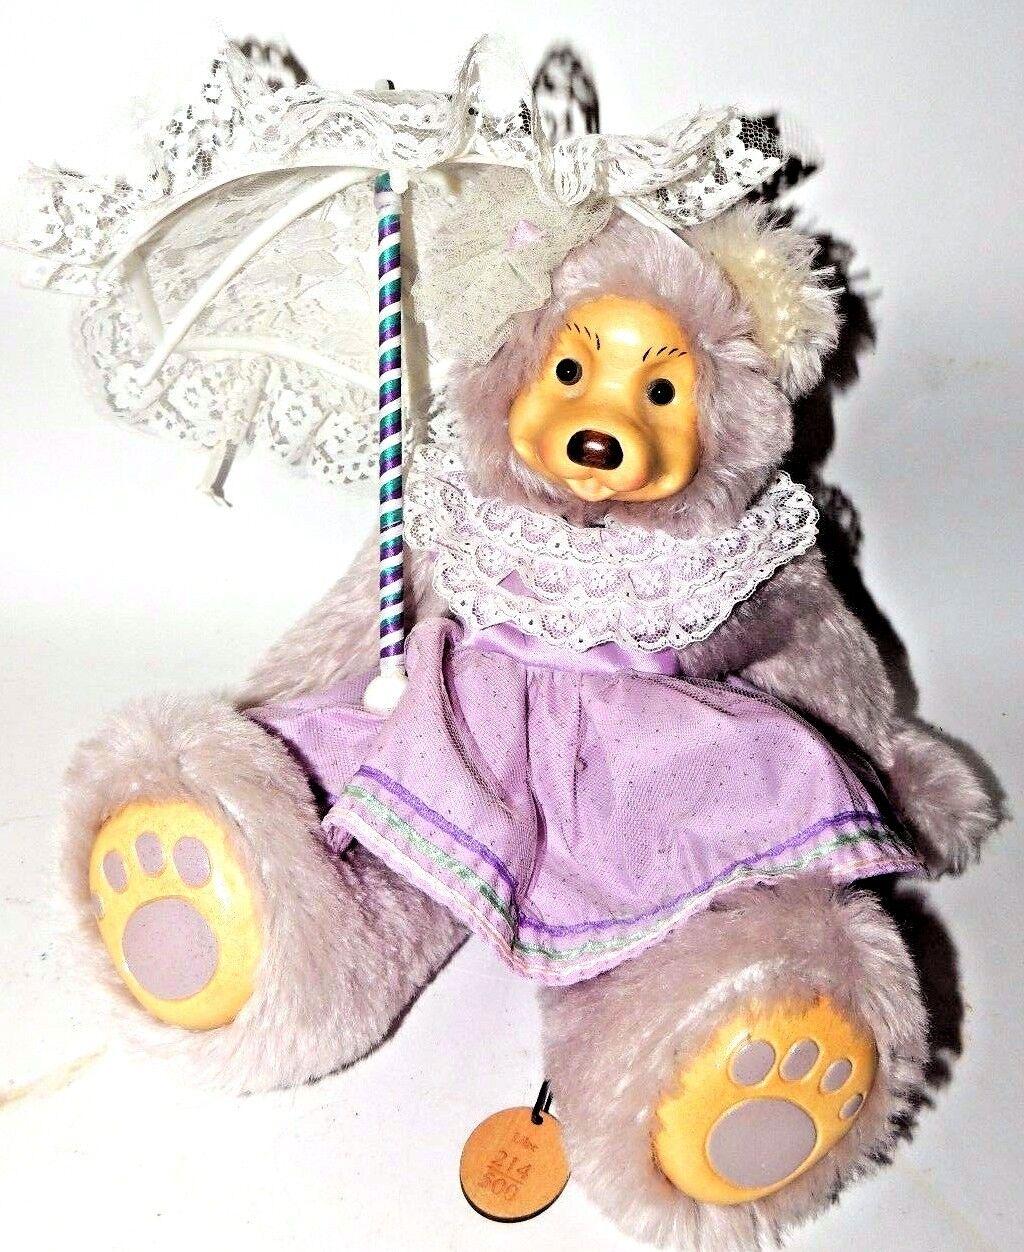 violac  13-inch Mohair Bear by Robert Raikes.